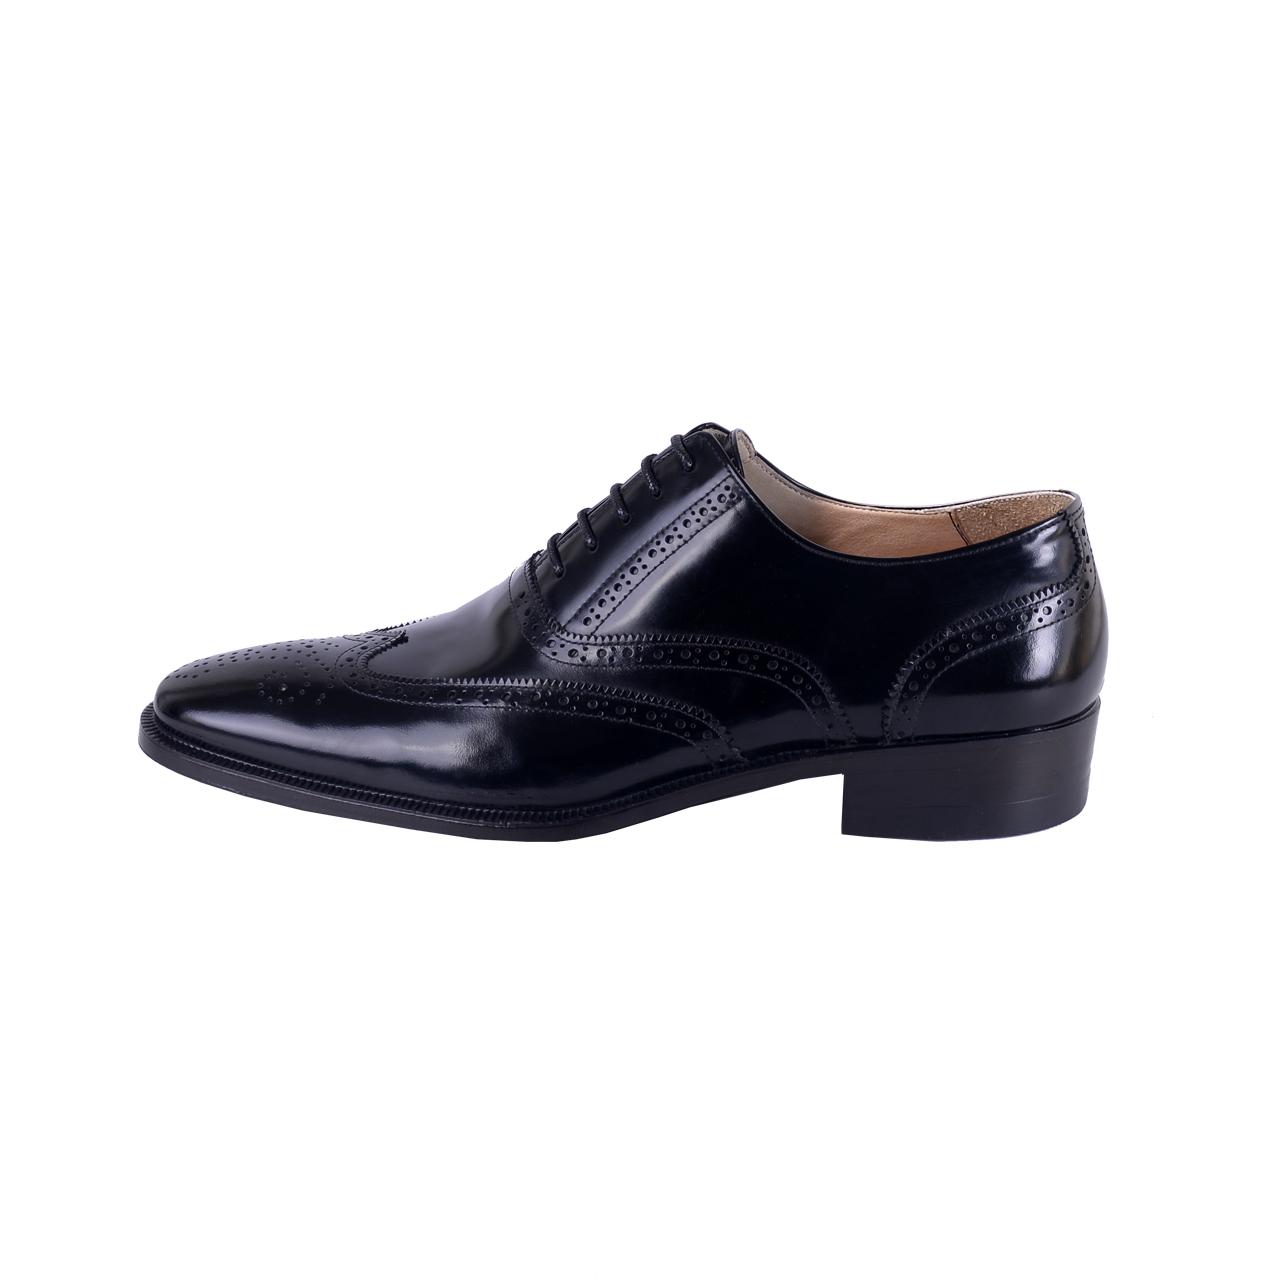 کفش مردانه چرم پاسارگاد کد 102576